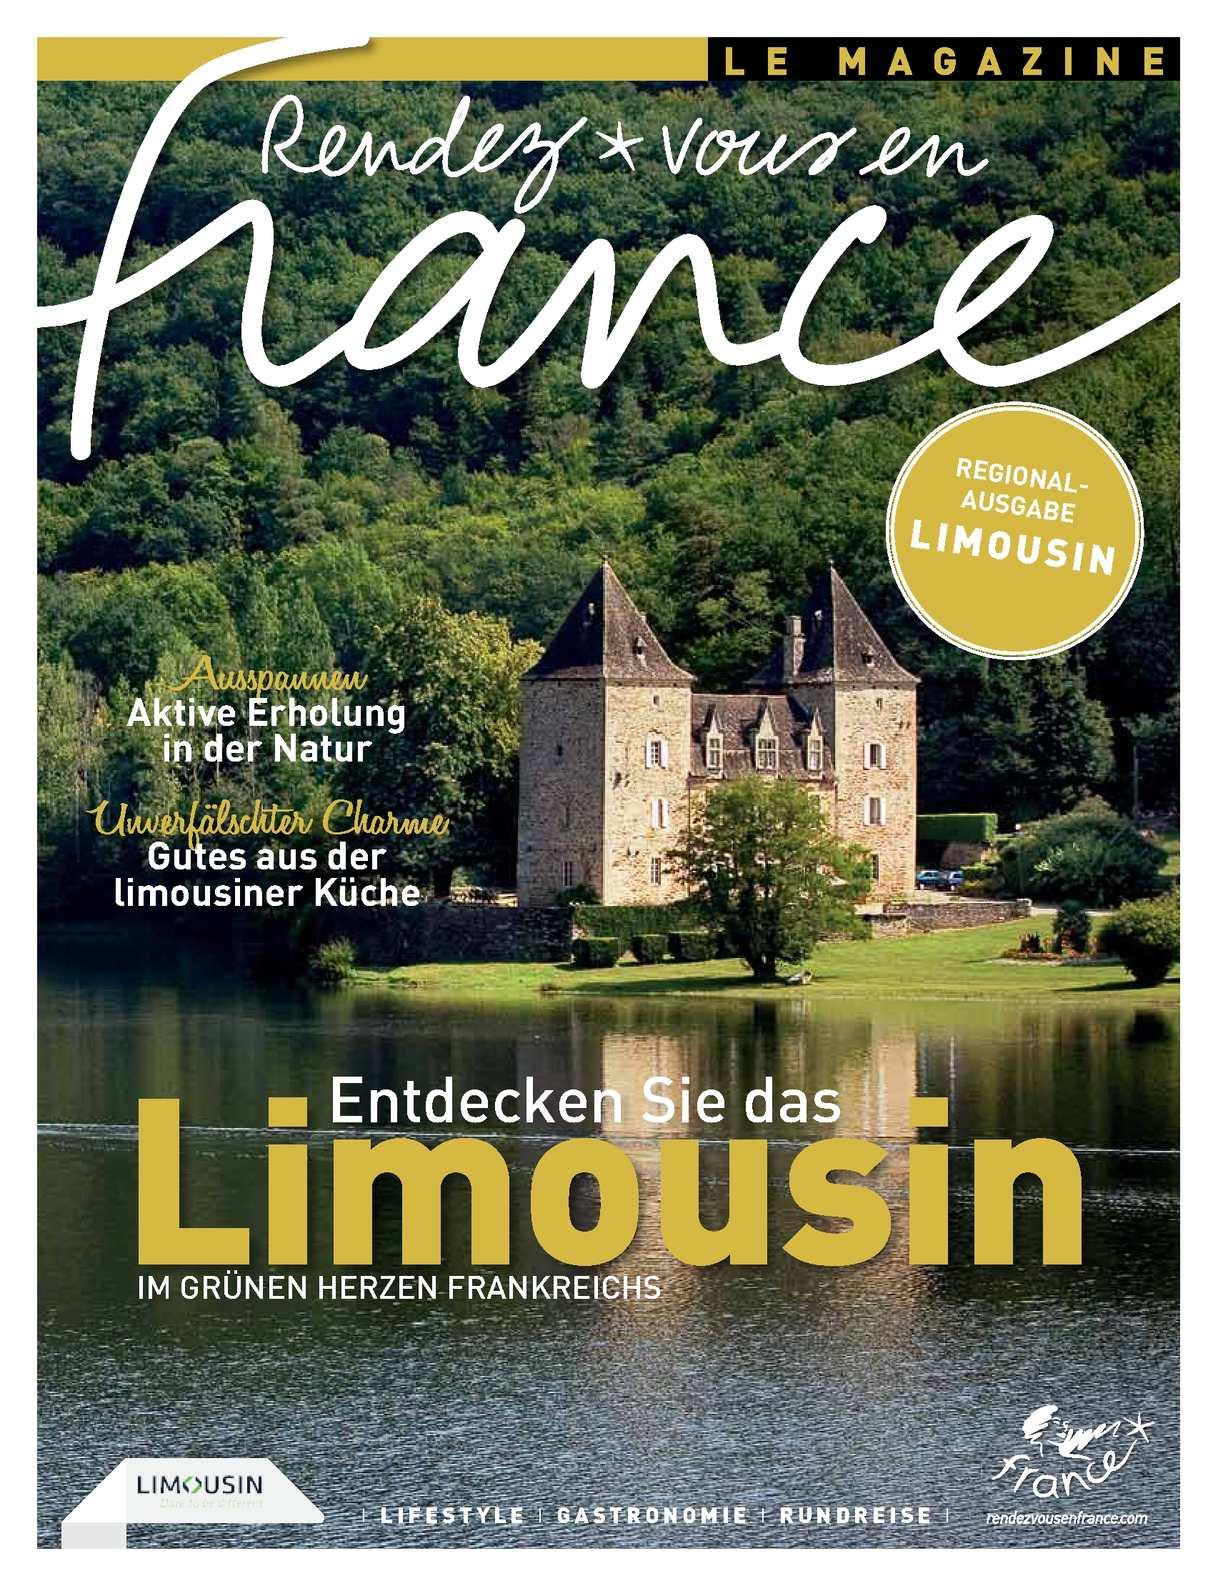 Calaméo - Brochure Limousin - Allemagne 2013